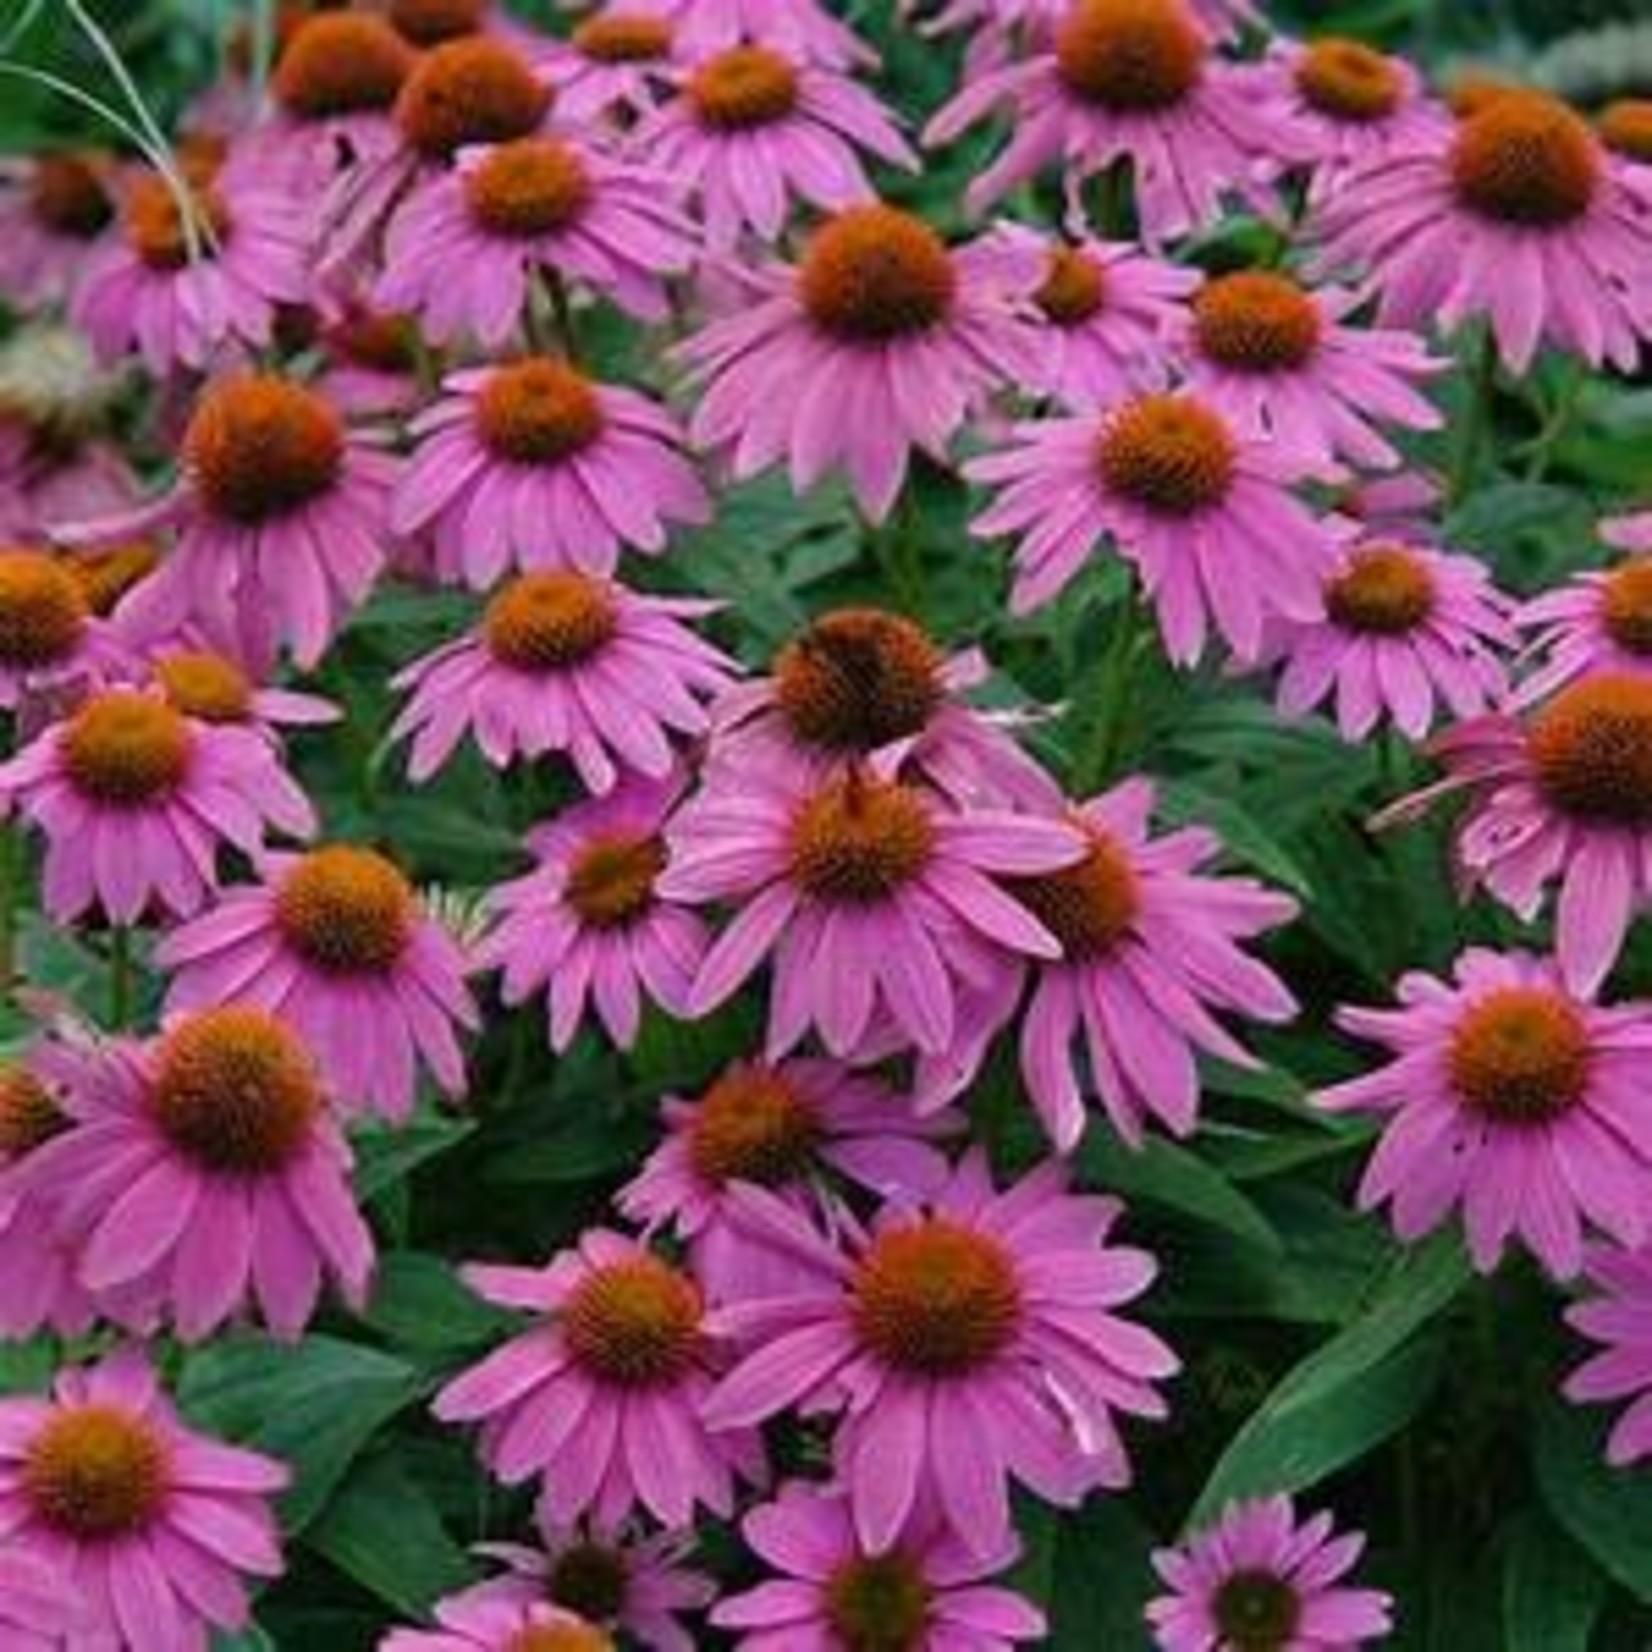 Cone Flower - Echinacea PowWow Wildberry - 1 gal